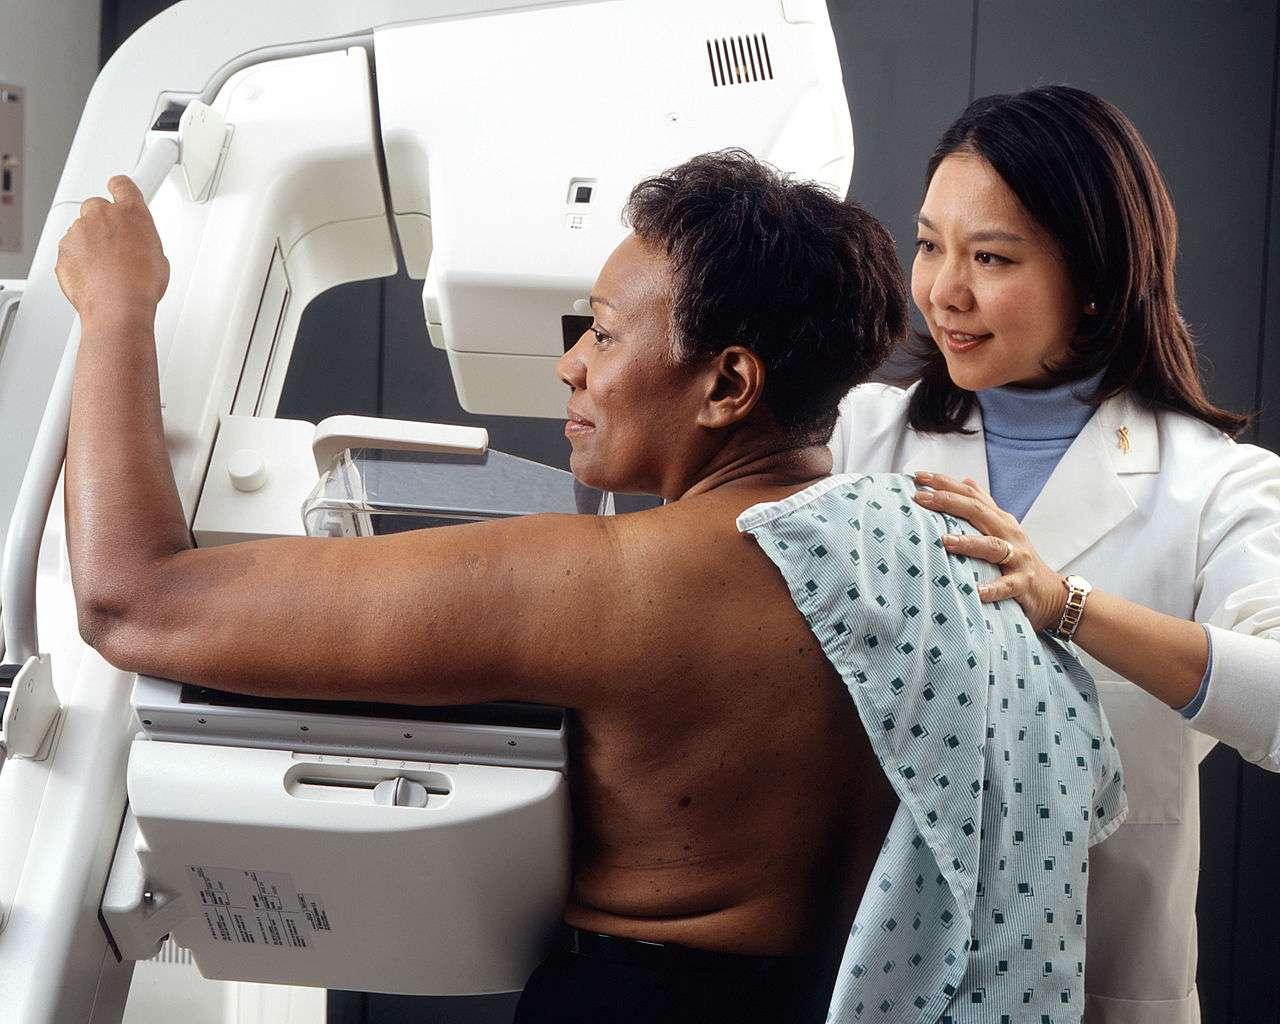 No Mammograms in Public Facilities